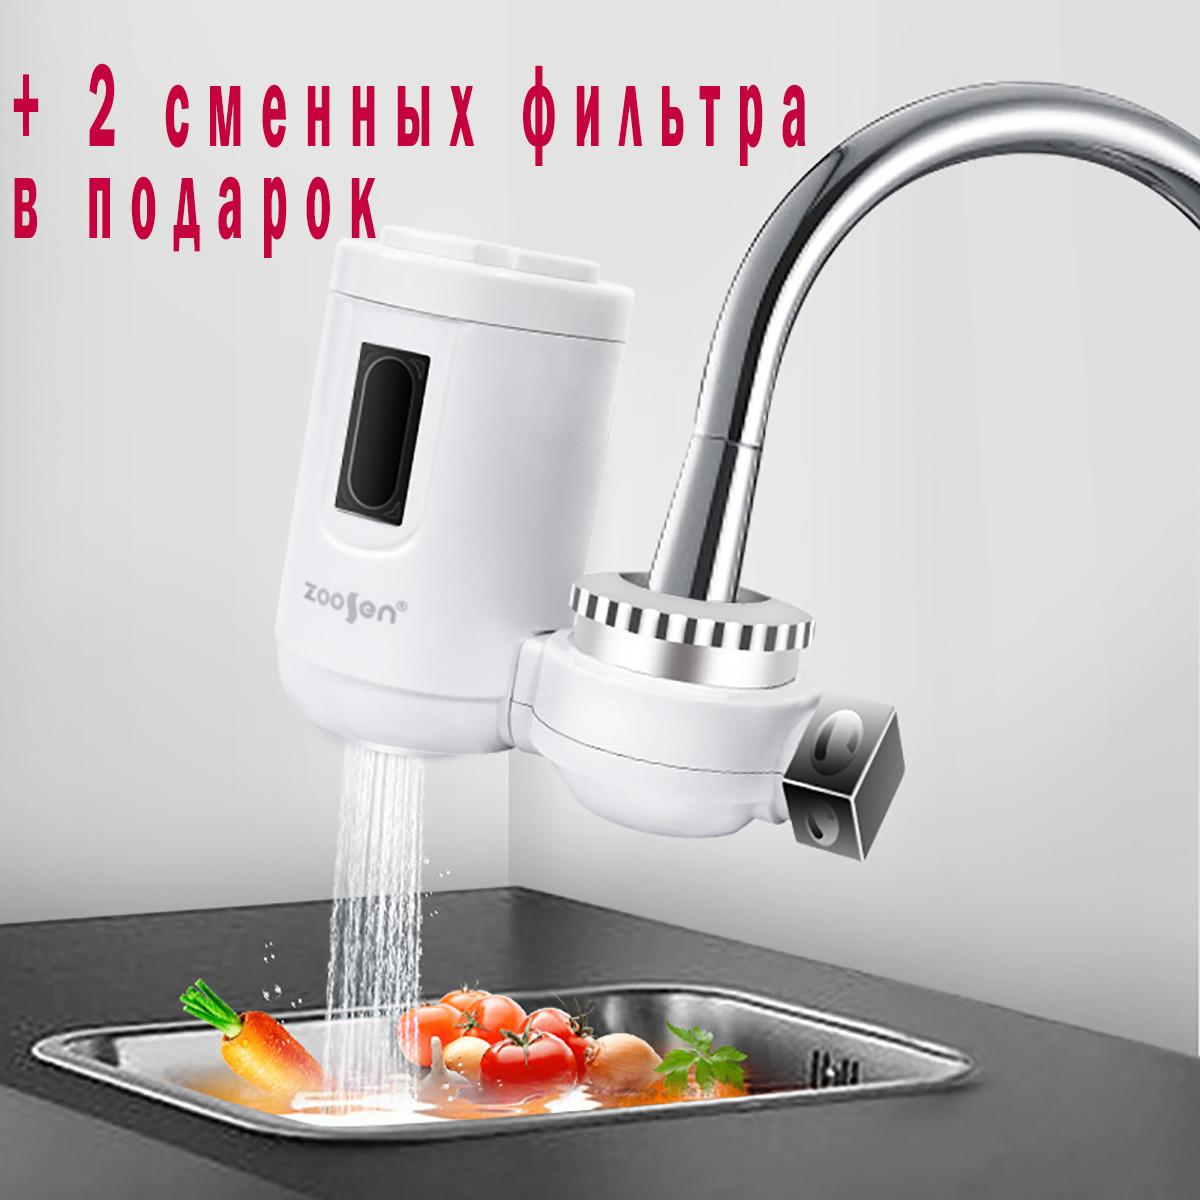 Фильтр для воды + 2 фильтра с годовым запасом сменных фильтров Adna Water CleanerW насадка на кран